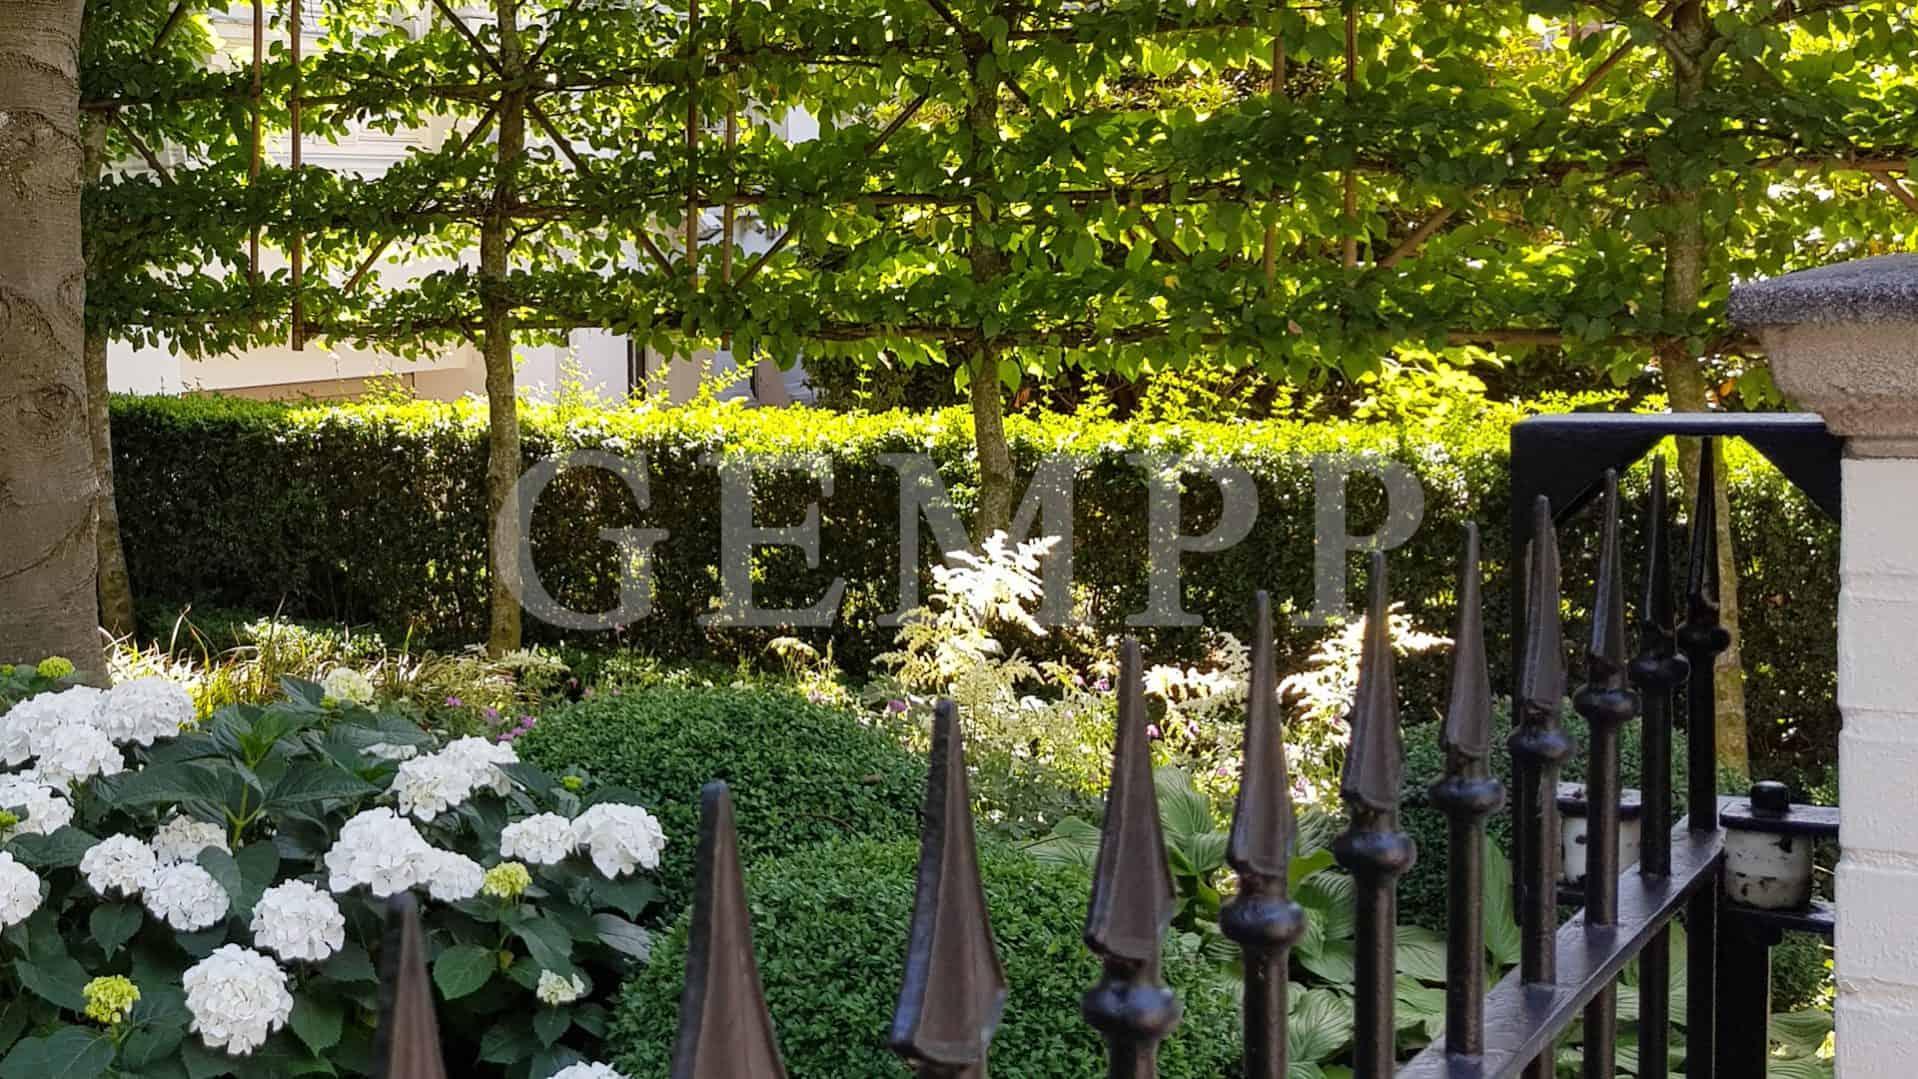 Modernes Gartendesign Gartenarchitekt Gartenplaner Gartenbau Gartengestaltung